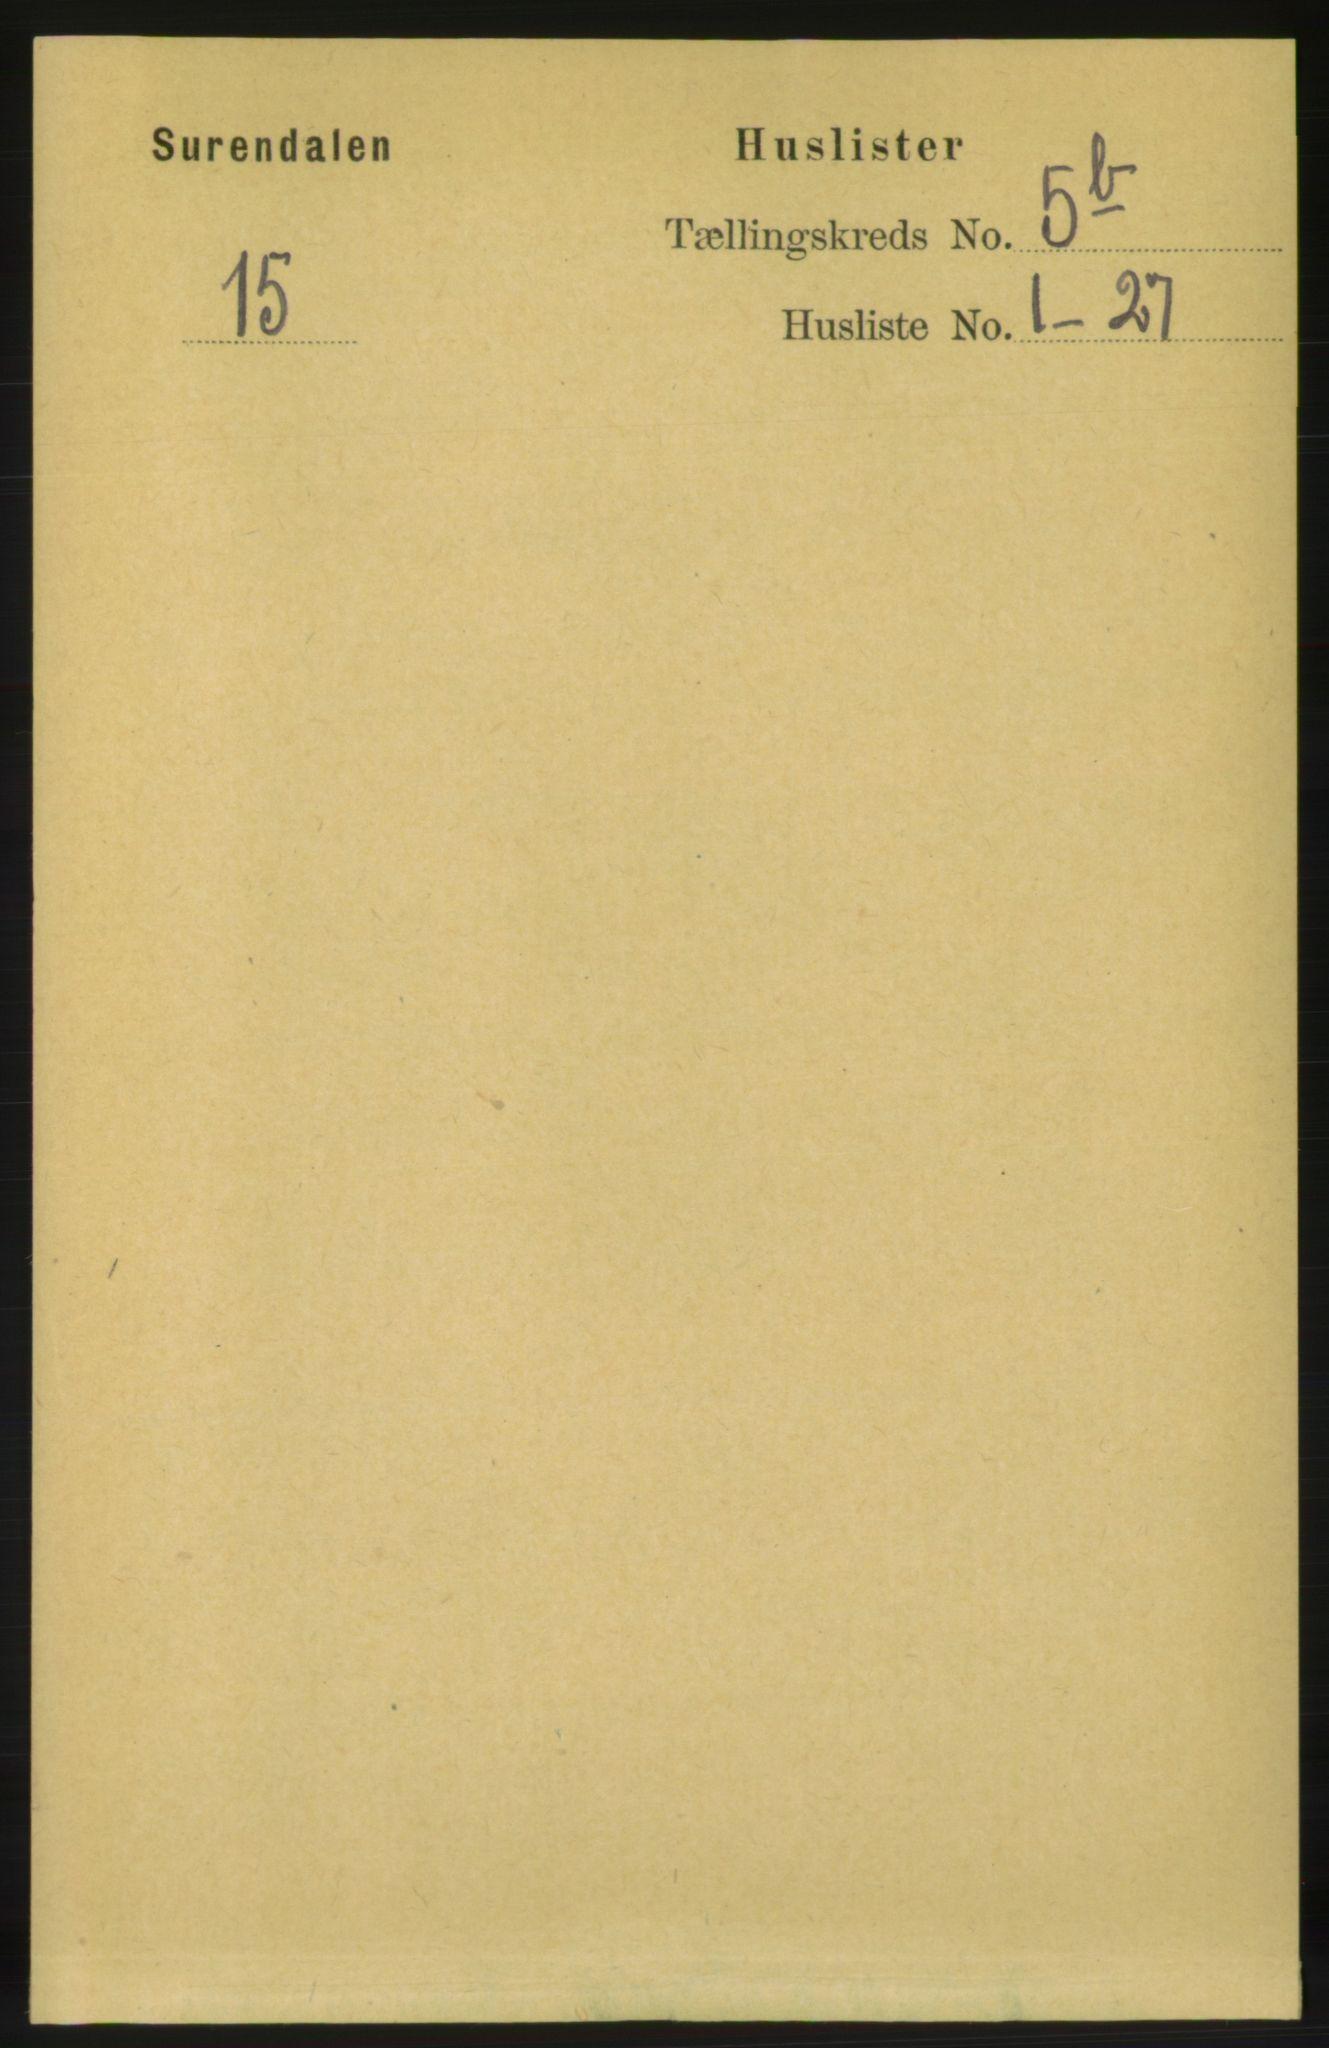 RA, Folketelling 1891 for 1566 Surnadal herred, 1891, s. 1456